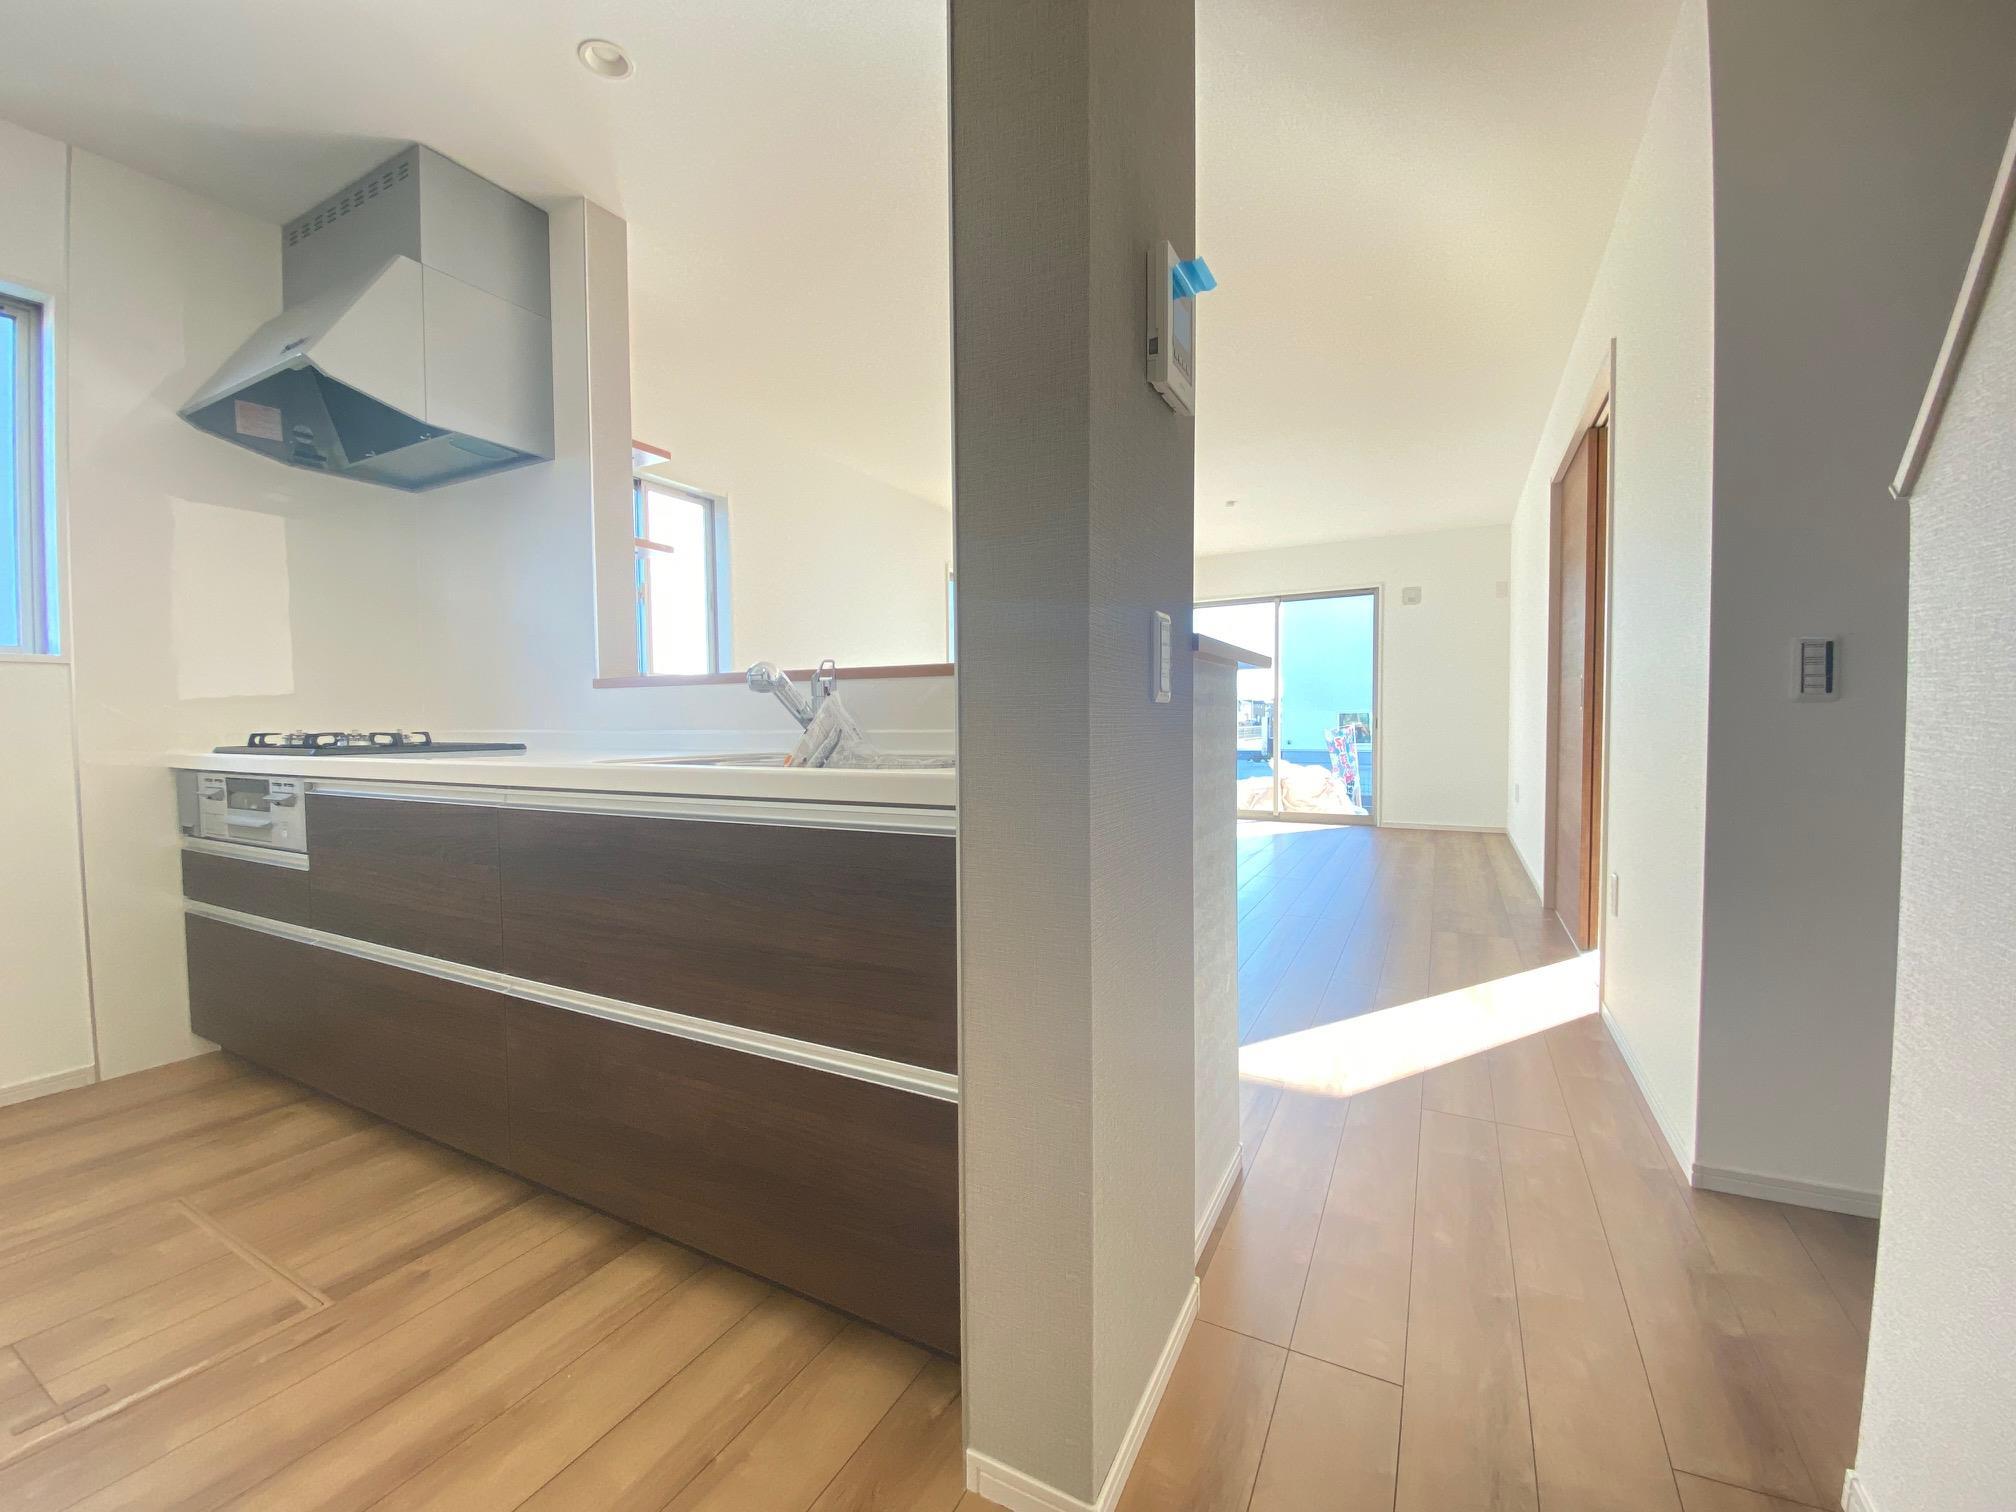 キッチン*キッチン|キッチンで家事をしていても部屋全体が見渡せる安心設計です(^^)☆(2021年2月撮影)